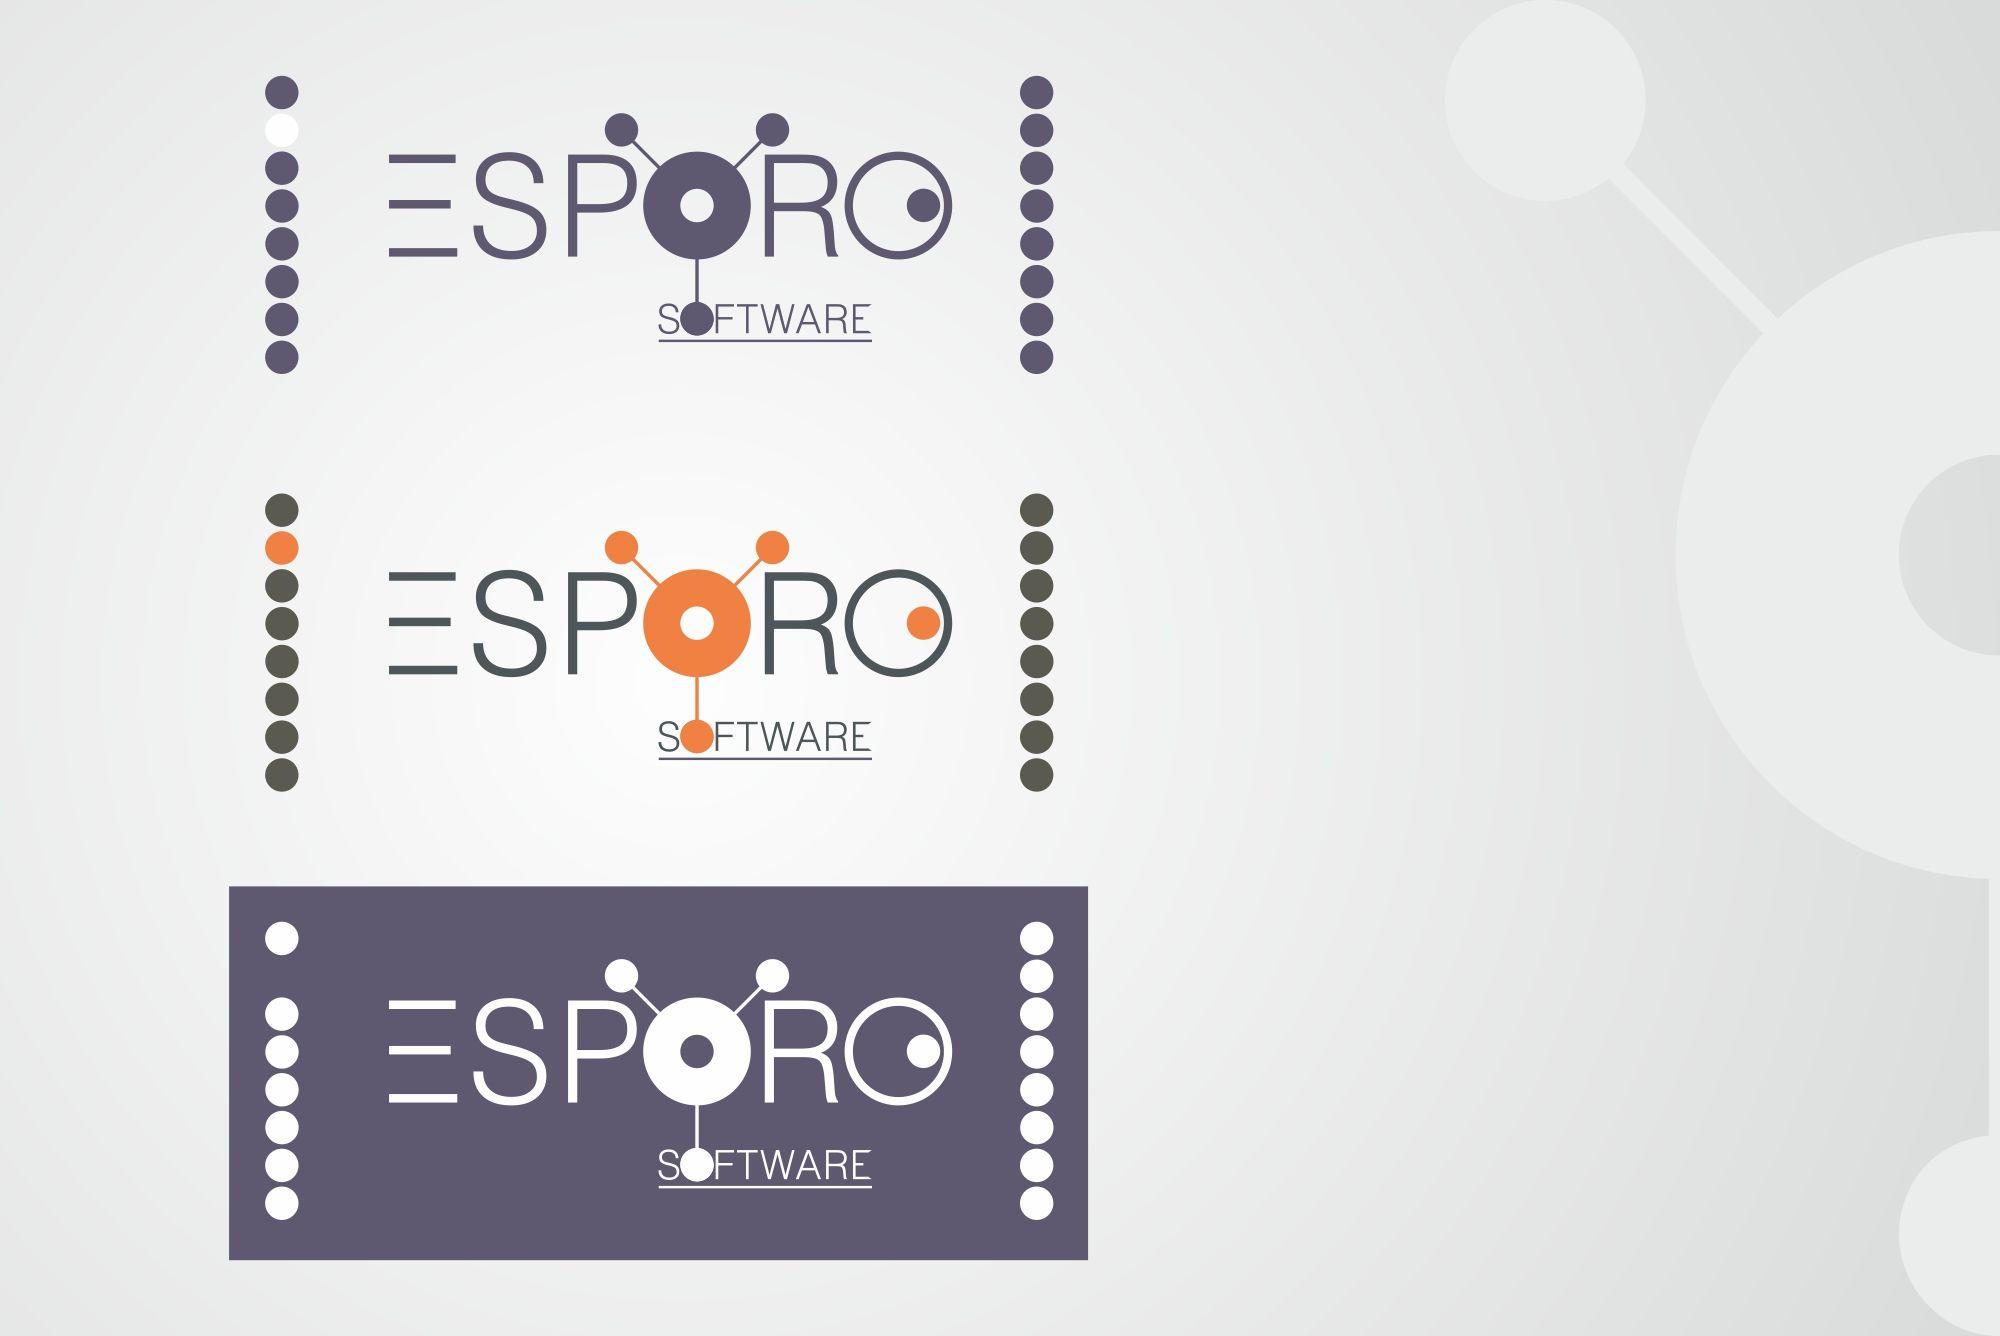 Логотип и фирменный стиль для ИТ-компании - дизайнер TRUESIBEARIAN